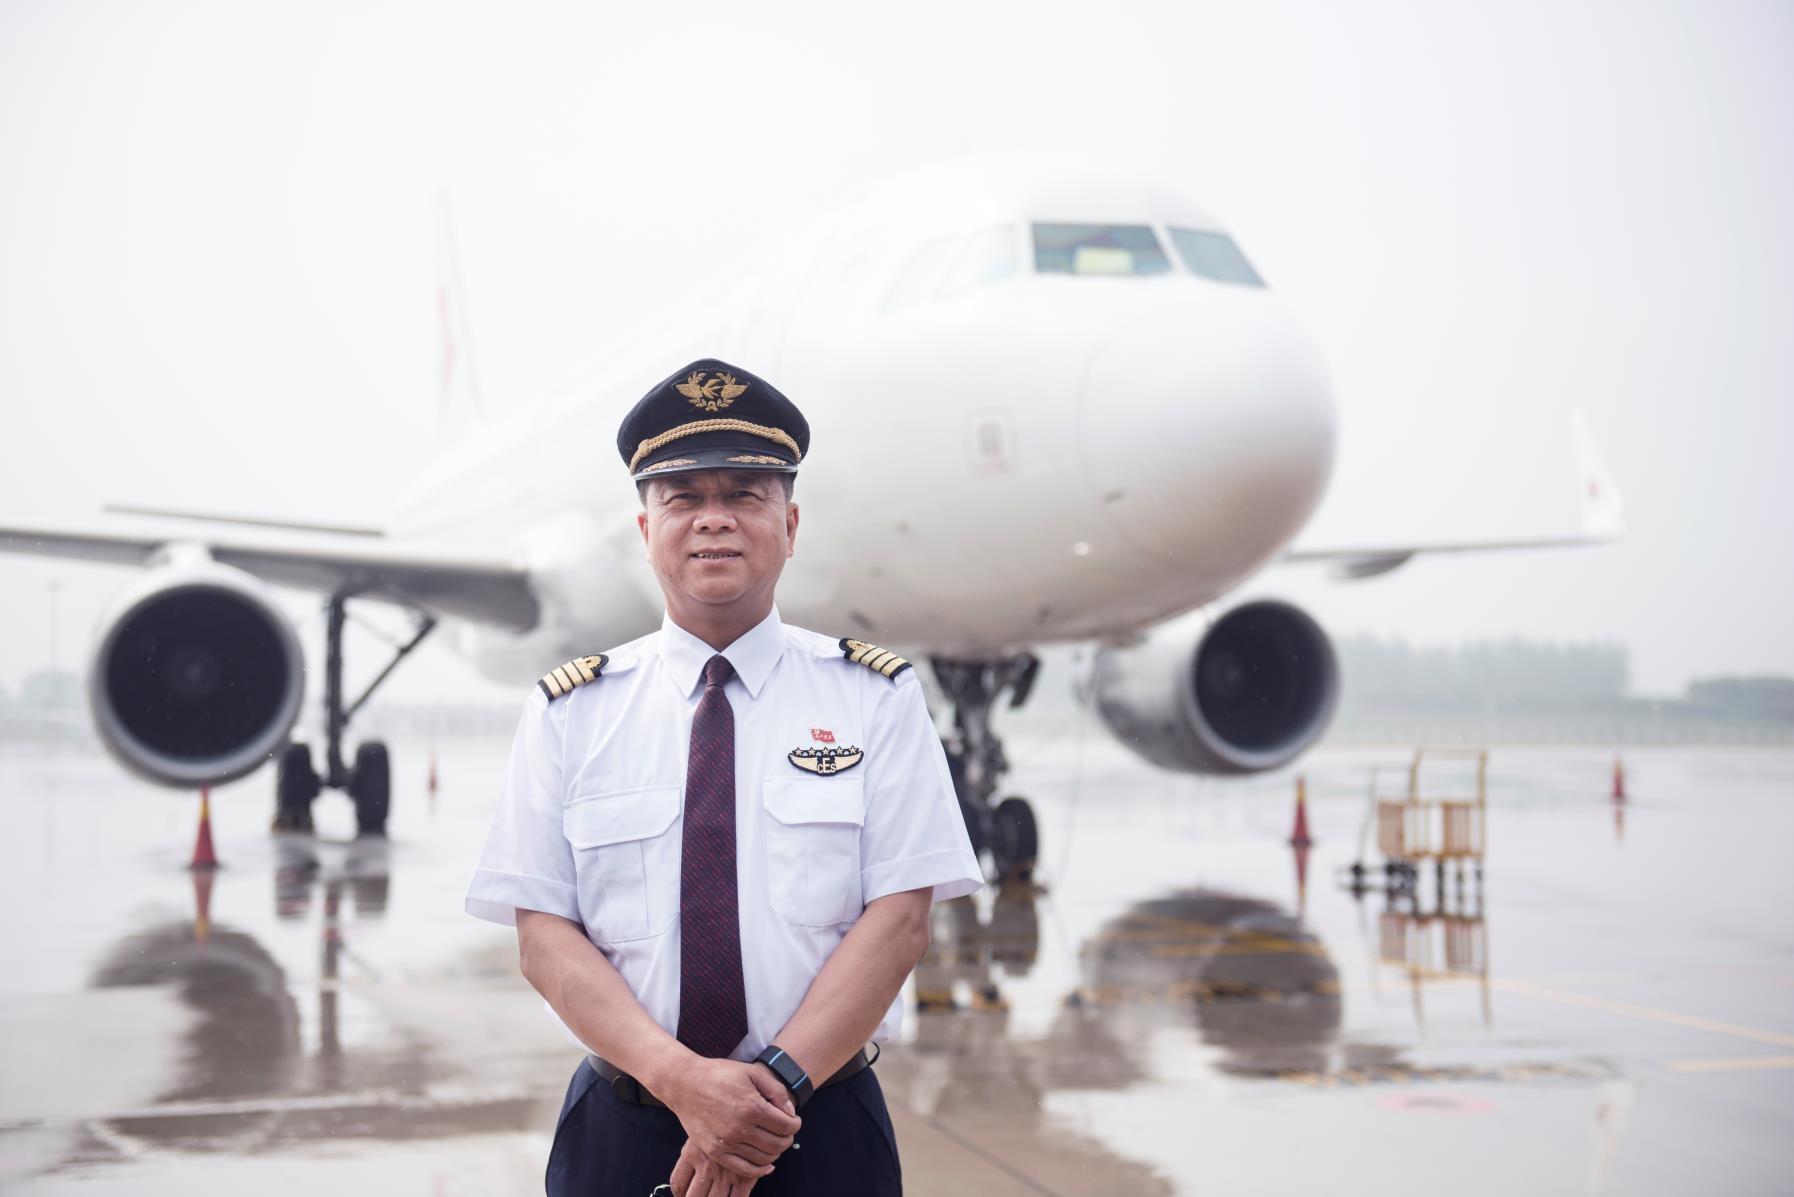 44年飞行生涯 东航第一批五星机长田亓光荣退休